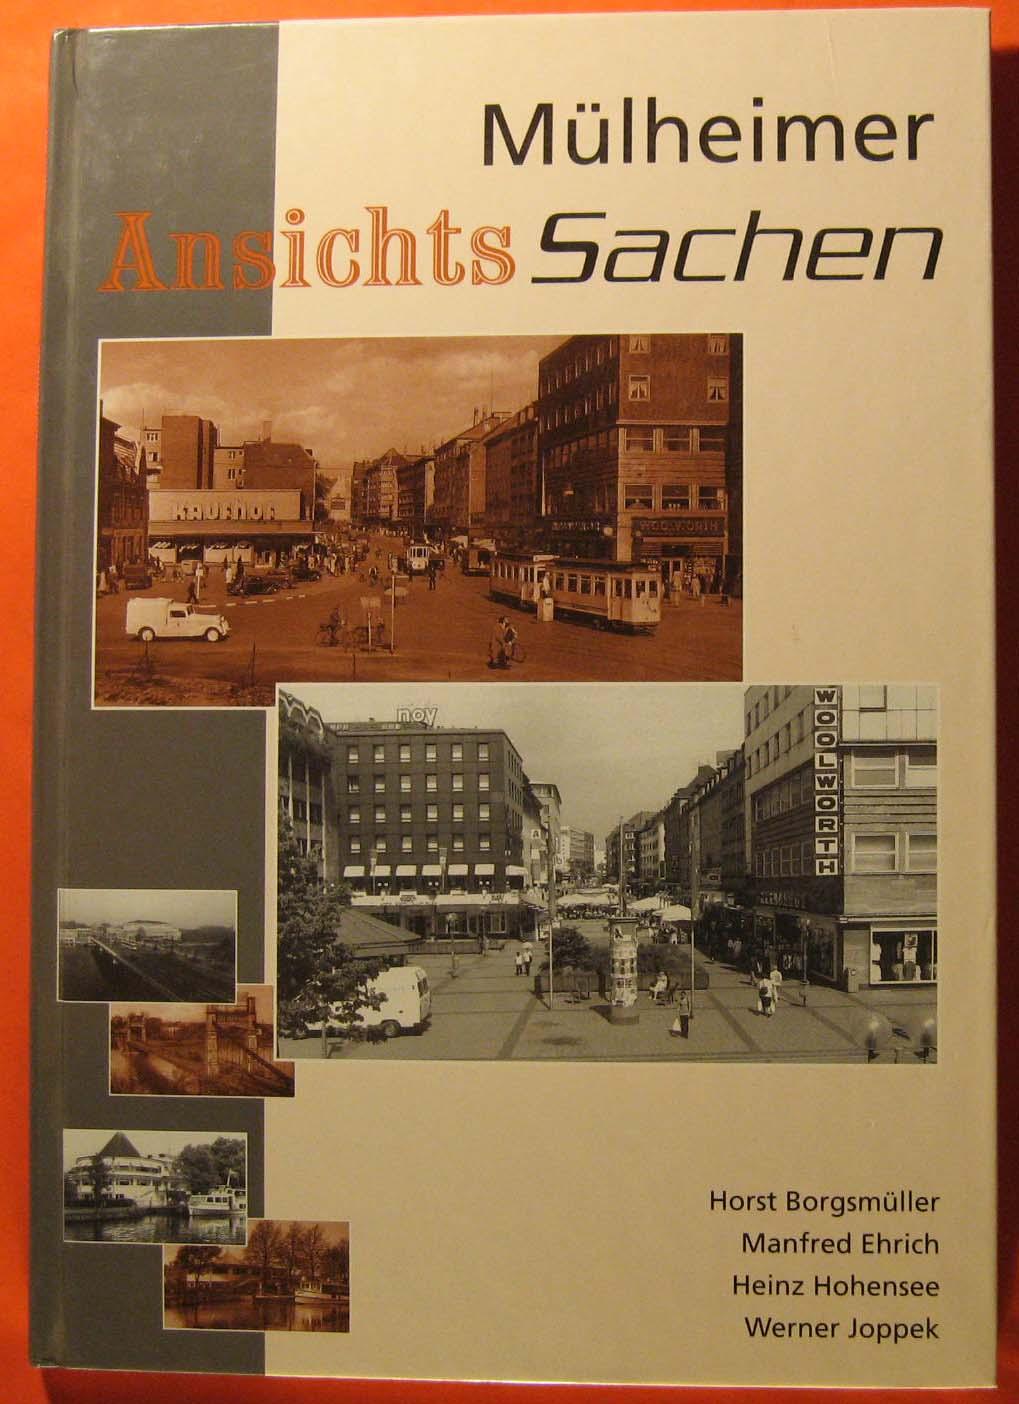 Mülheimer Ansichtssachen, Borgsmüller, Horst, Manfred Ehrich und Heinz Hohensee